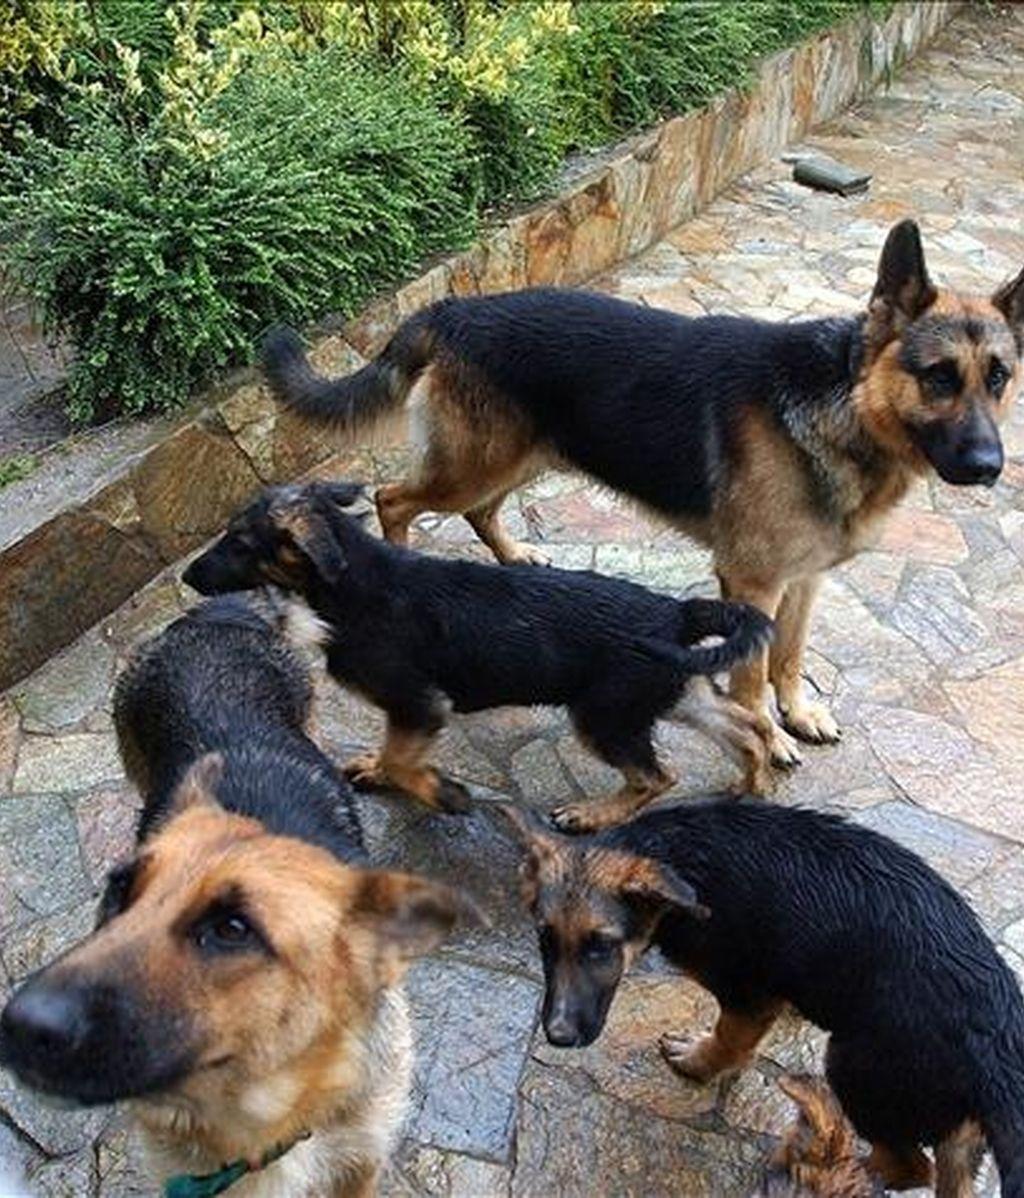 Un grupo de perros de raza pastor alemán. EFE/Archivo